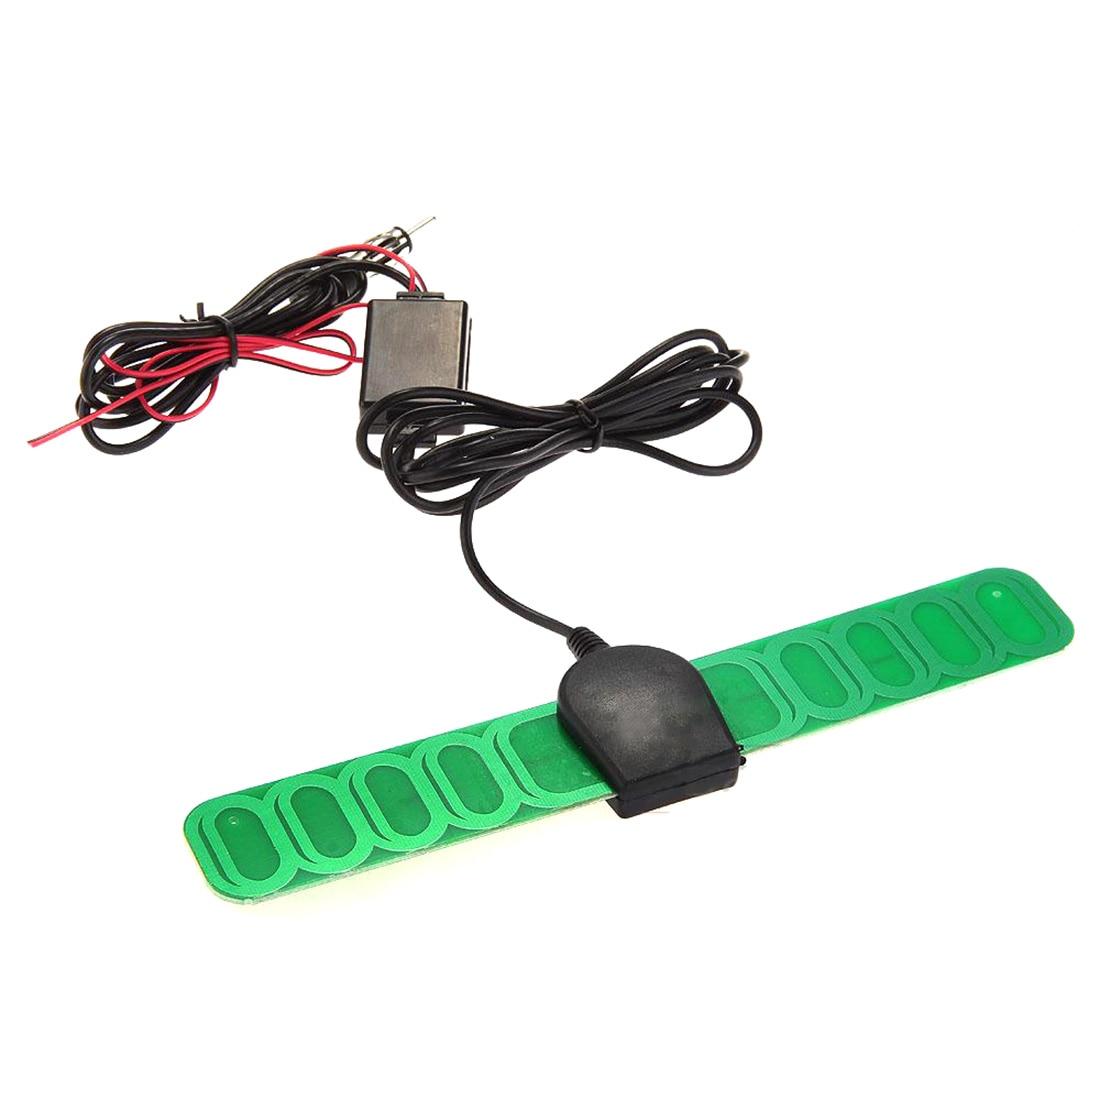 Noyokere 2015 nuevo vehículo AM/FM Radio antena amplificador de señal Booster DC 12 V Venta caliente